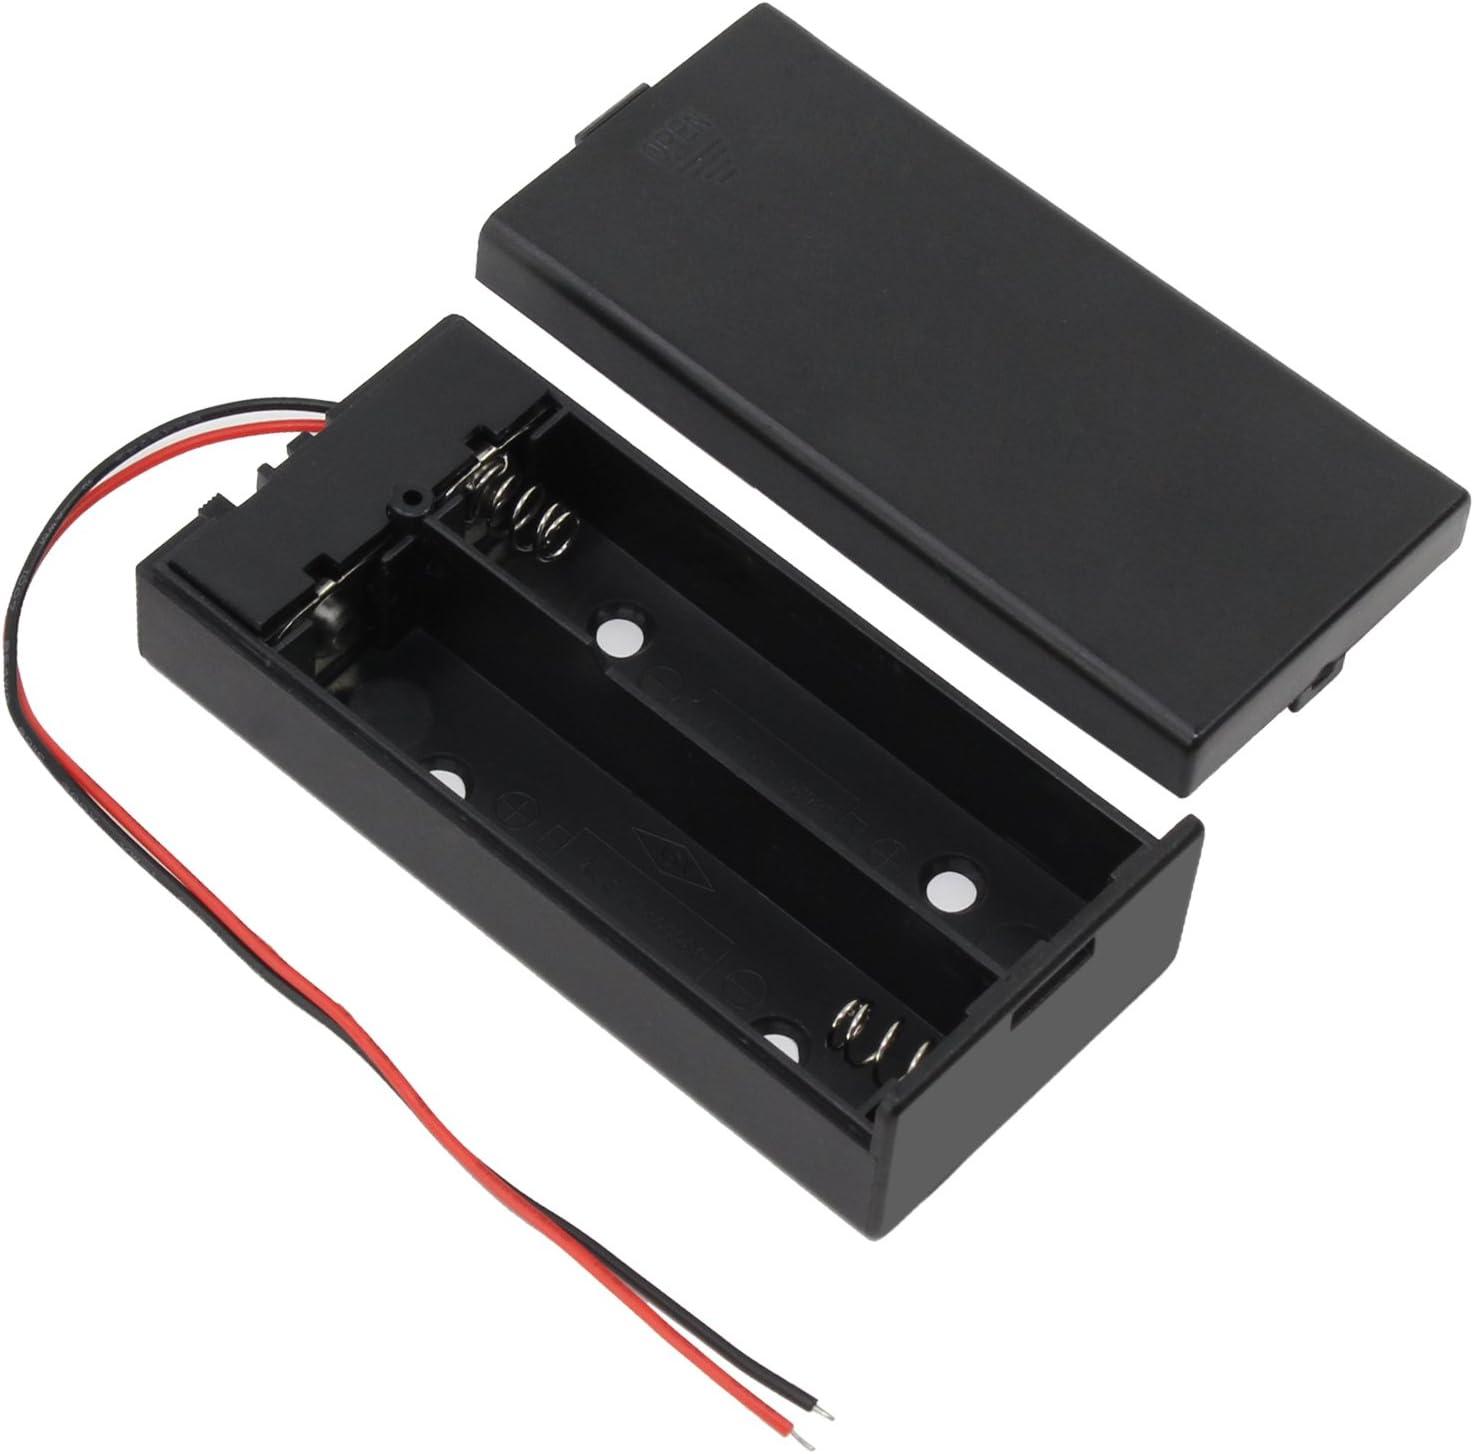 keesin 3.7V 18650Batería Plana Caso plástico Caja de batería con Interruptor de Encendido/Apagado y fijación Presilla 2Solts × 4Unidades